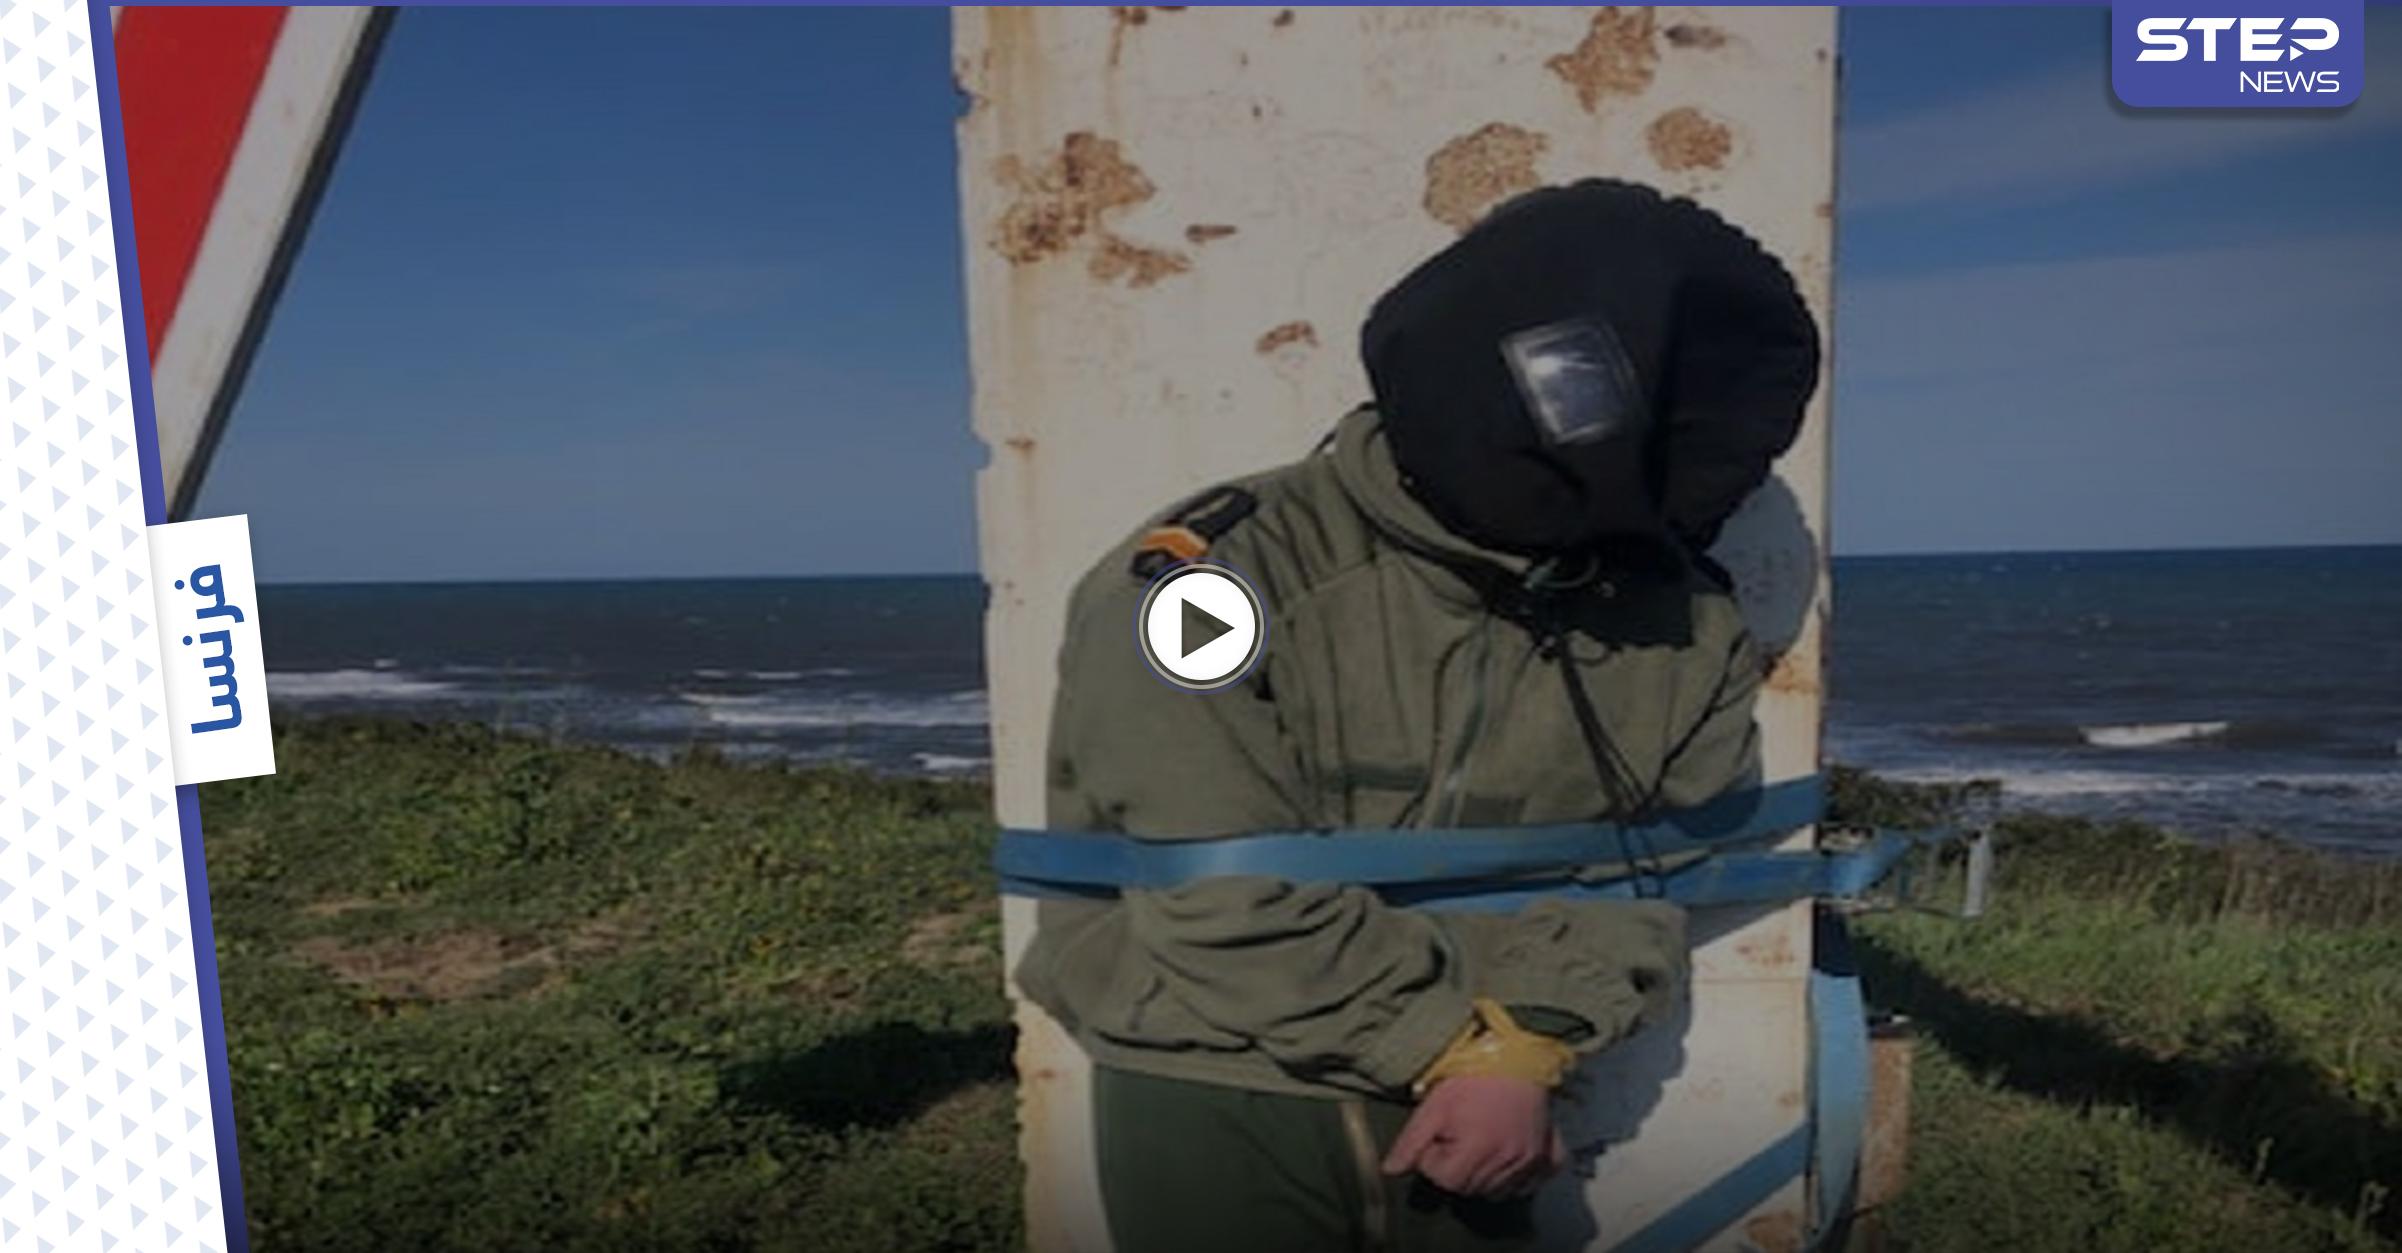 """بالفيديو   لحظات مرعبة يعيشها طيار رُبط """"كهدف حي"""" لـ الطائرات المقاتلة... والسلطات الفرنسية تفتح تحقيقاً"""